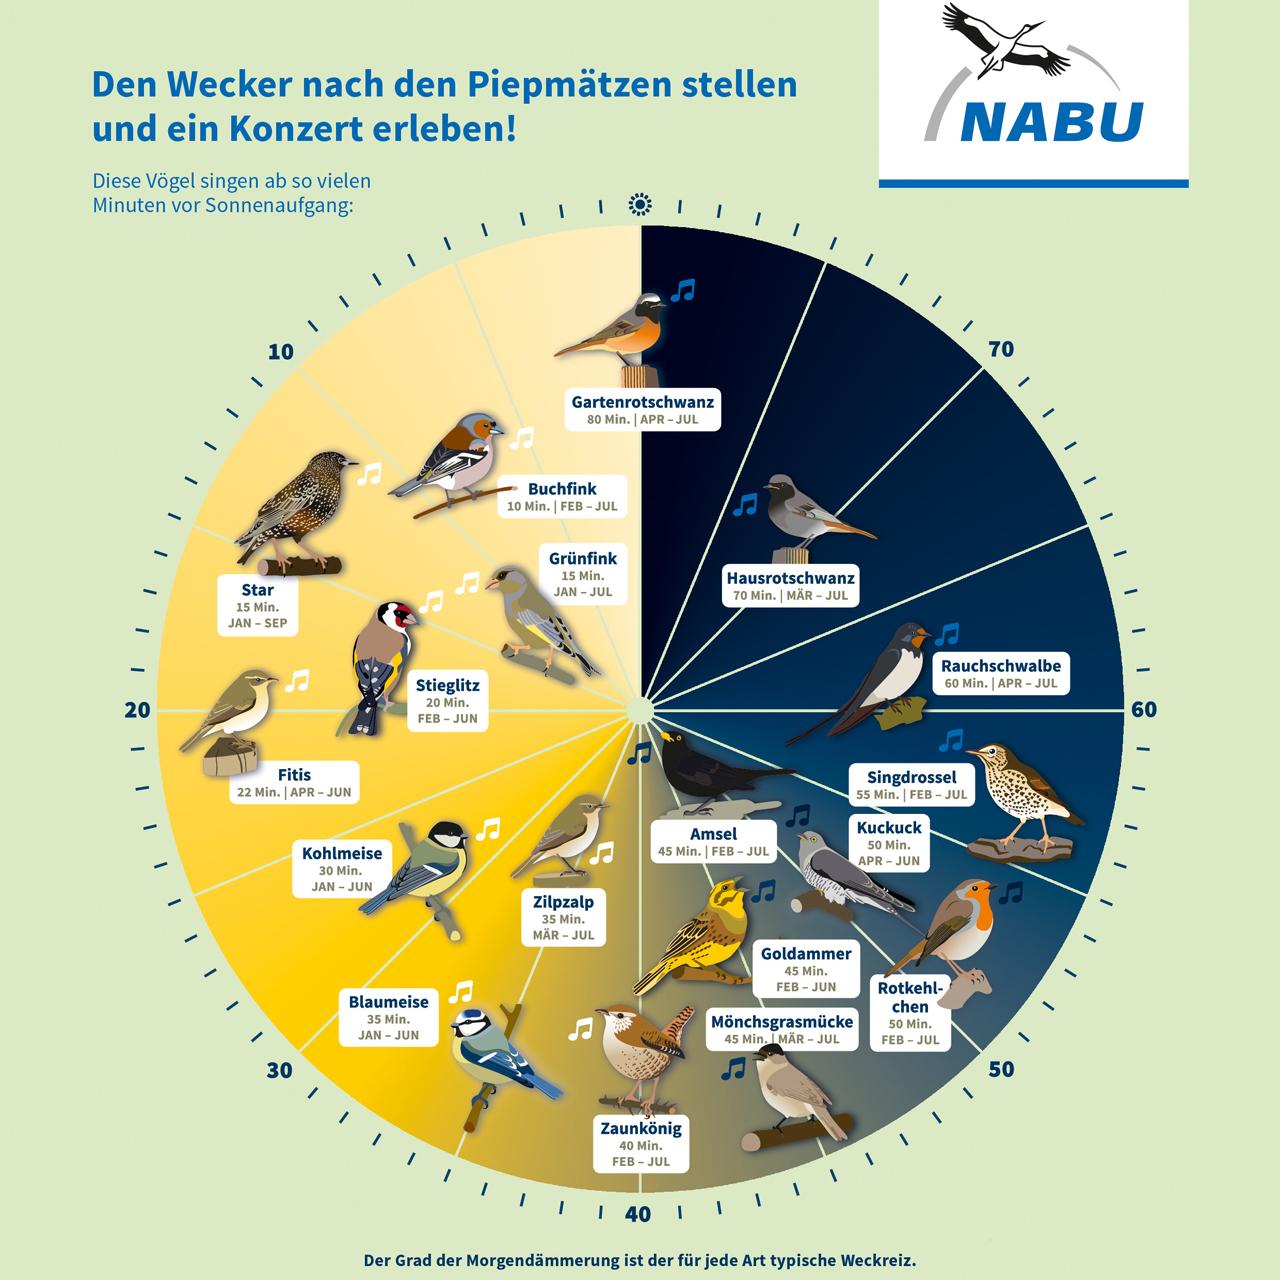 Die Nabu-Vogeluhr